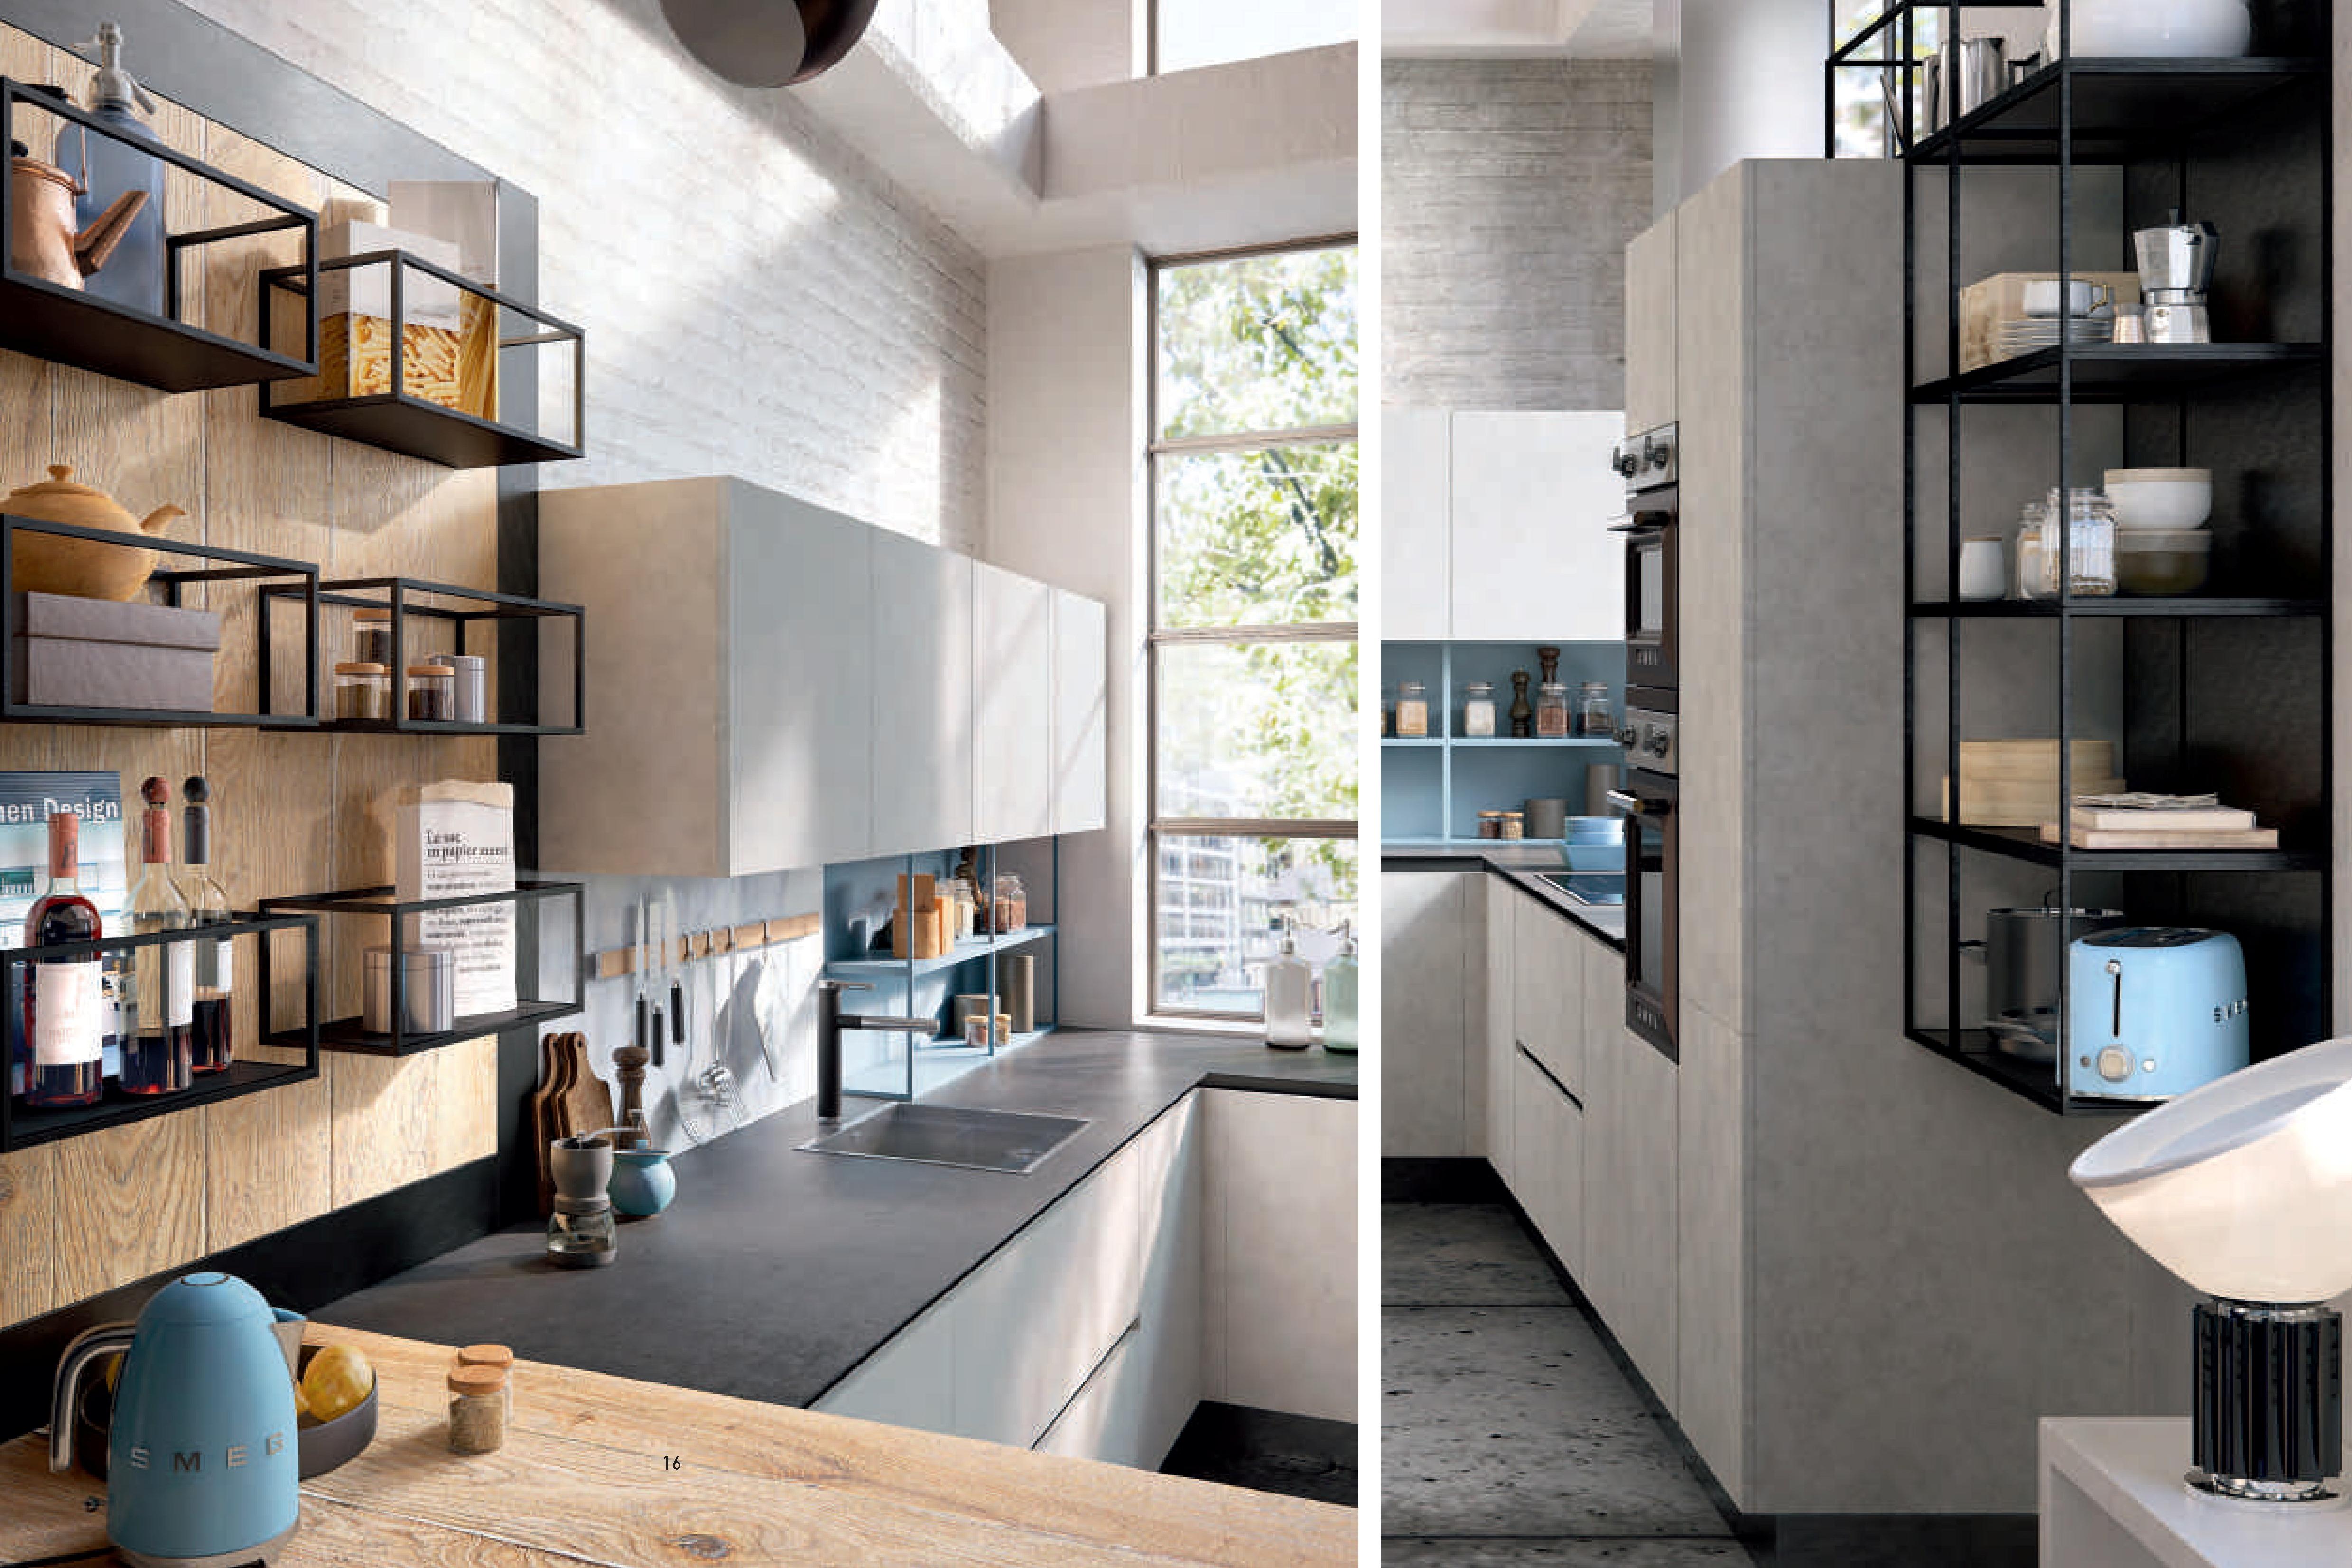 Architettura E Design Interni.Cucina Su Misura Affidarsi Solo Ad Un Architetto Degli Interni